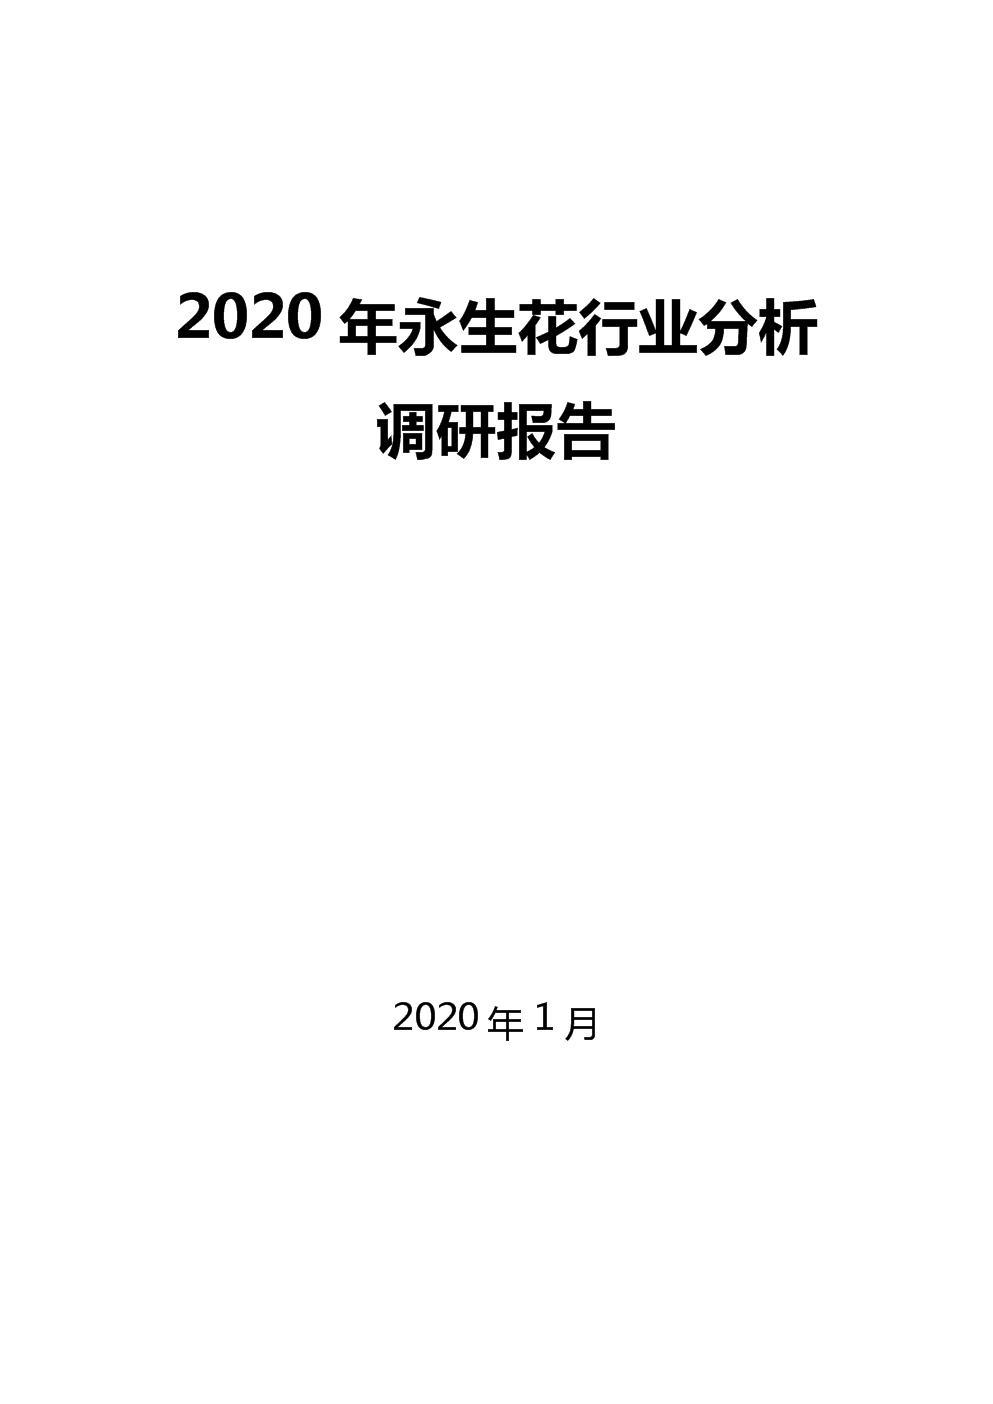 2020永生花行业分析调研报告.docx